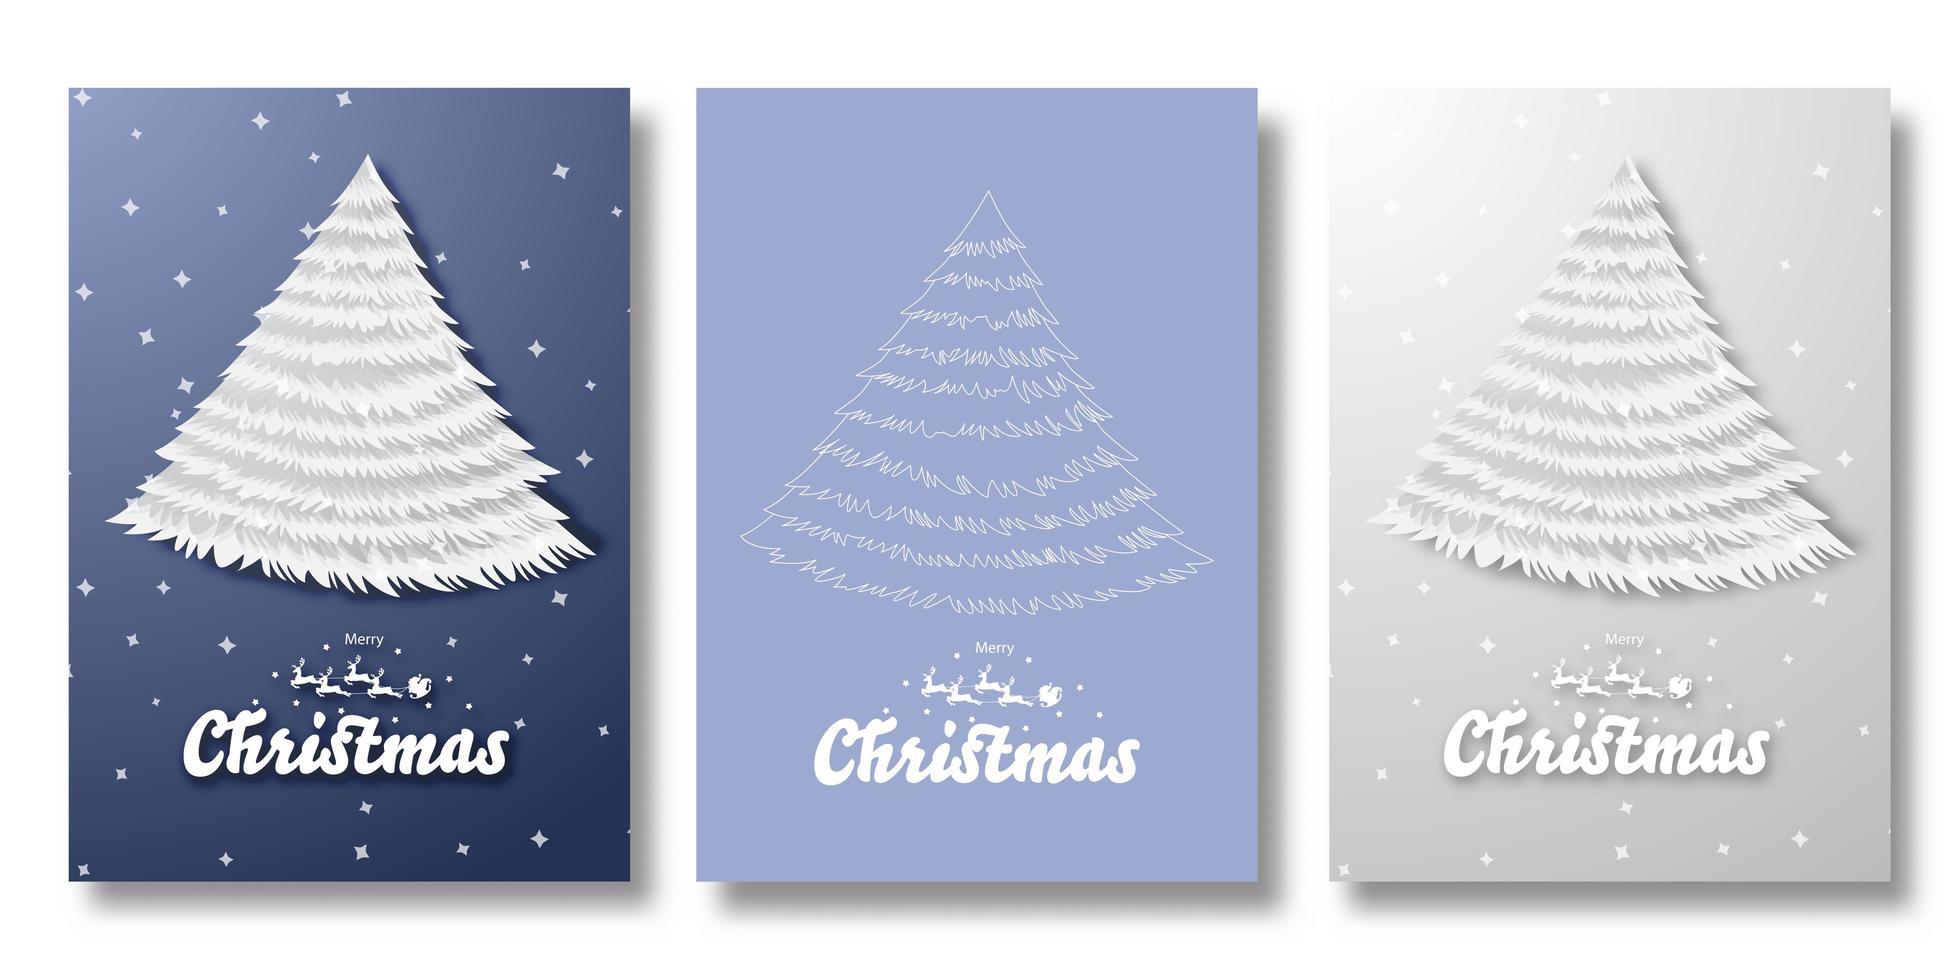 vrolijke kerstkaarten met kerstbomen vector